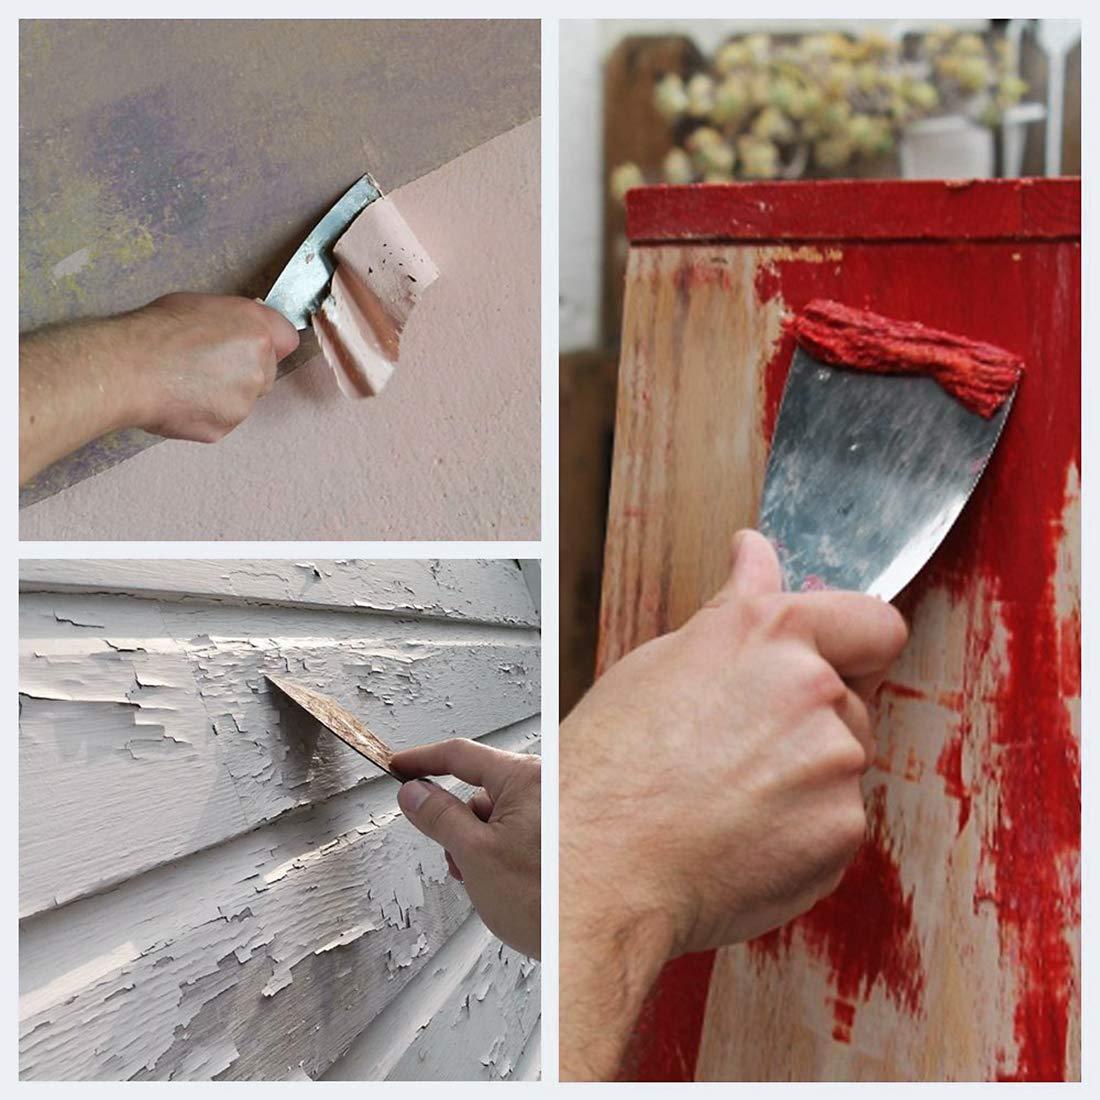 sourcing map 2x Mortero adhesiva pintura raspador de acero cuchilla flexible asa ergonómica baldosa de piso Espátulas